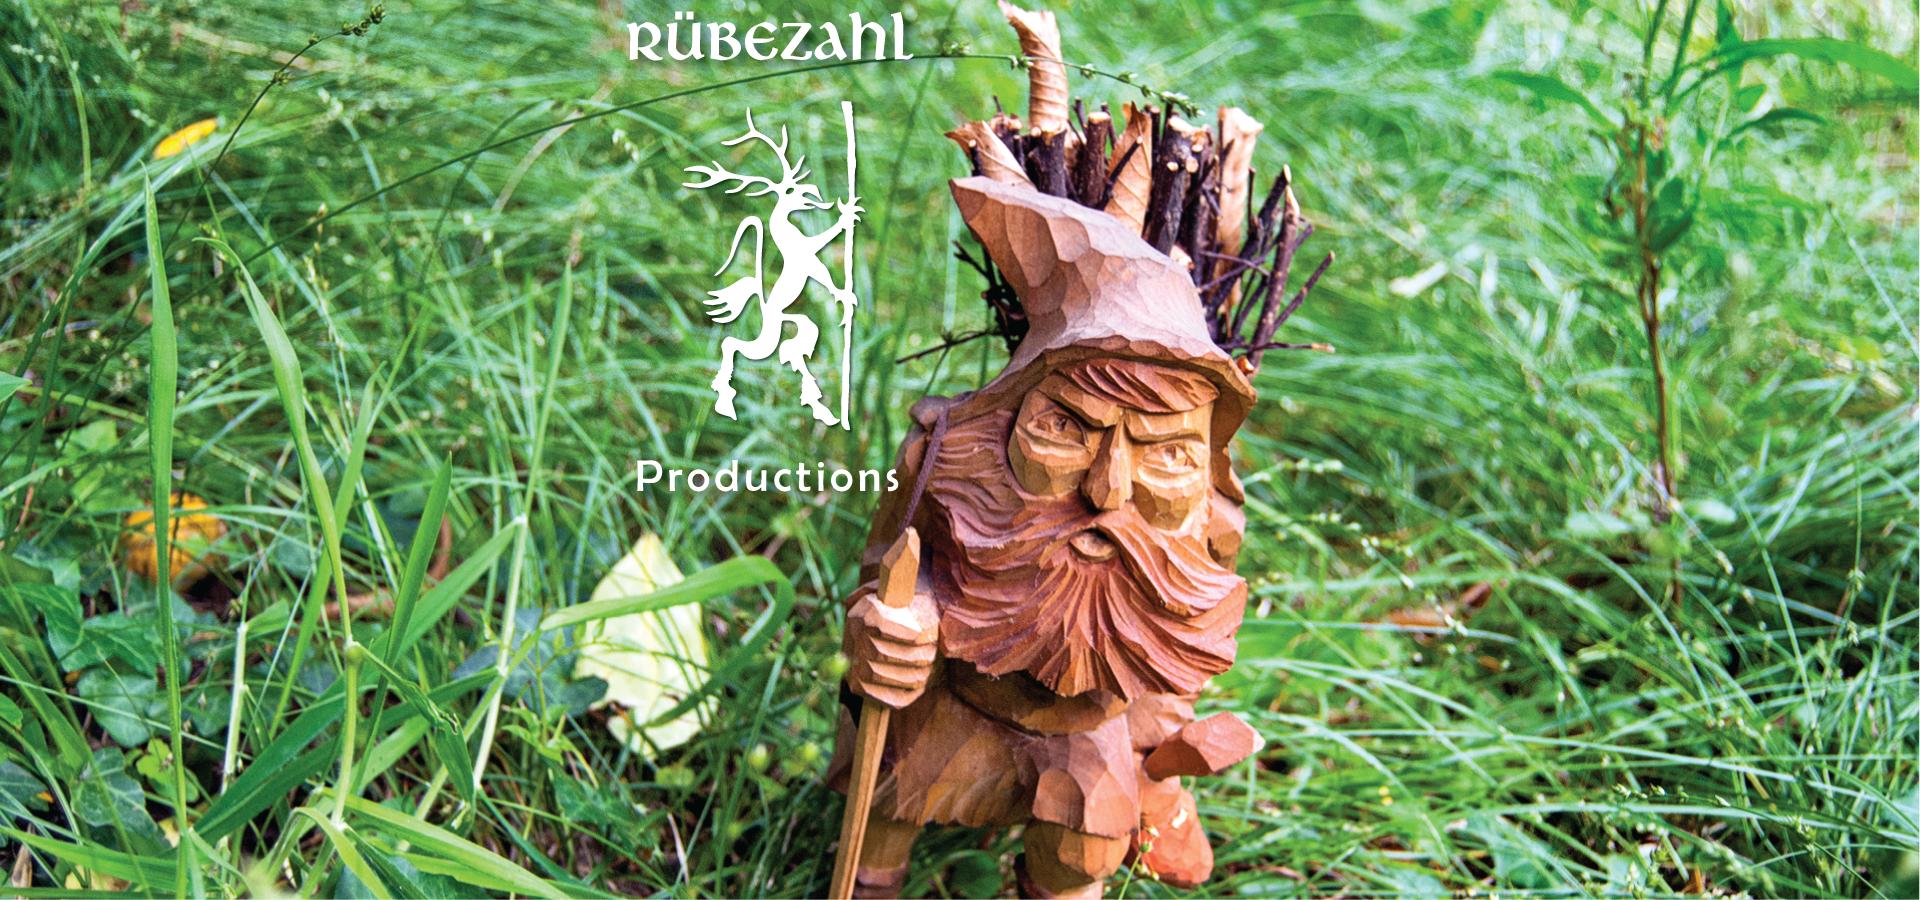 Rübezahl-Productions_Landing-page-slider_08